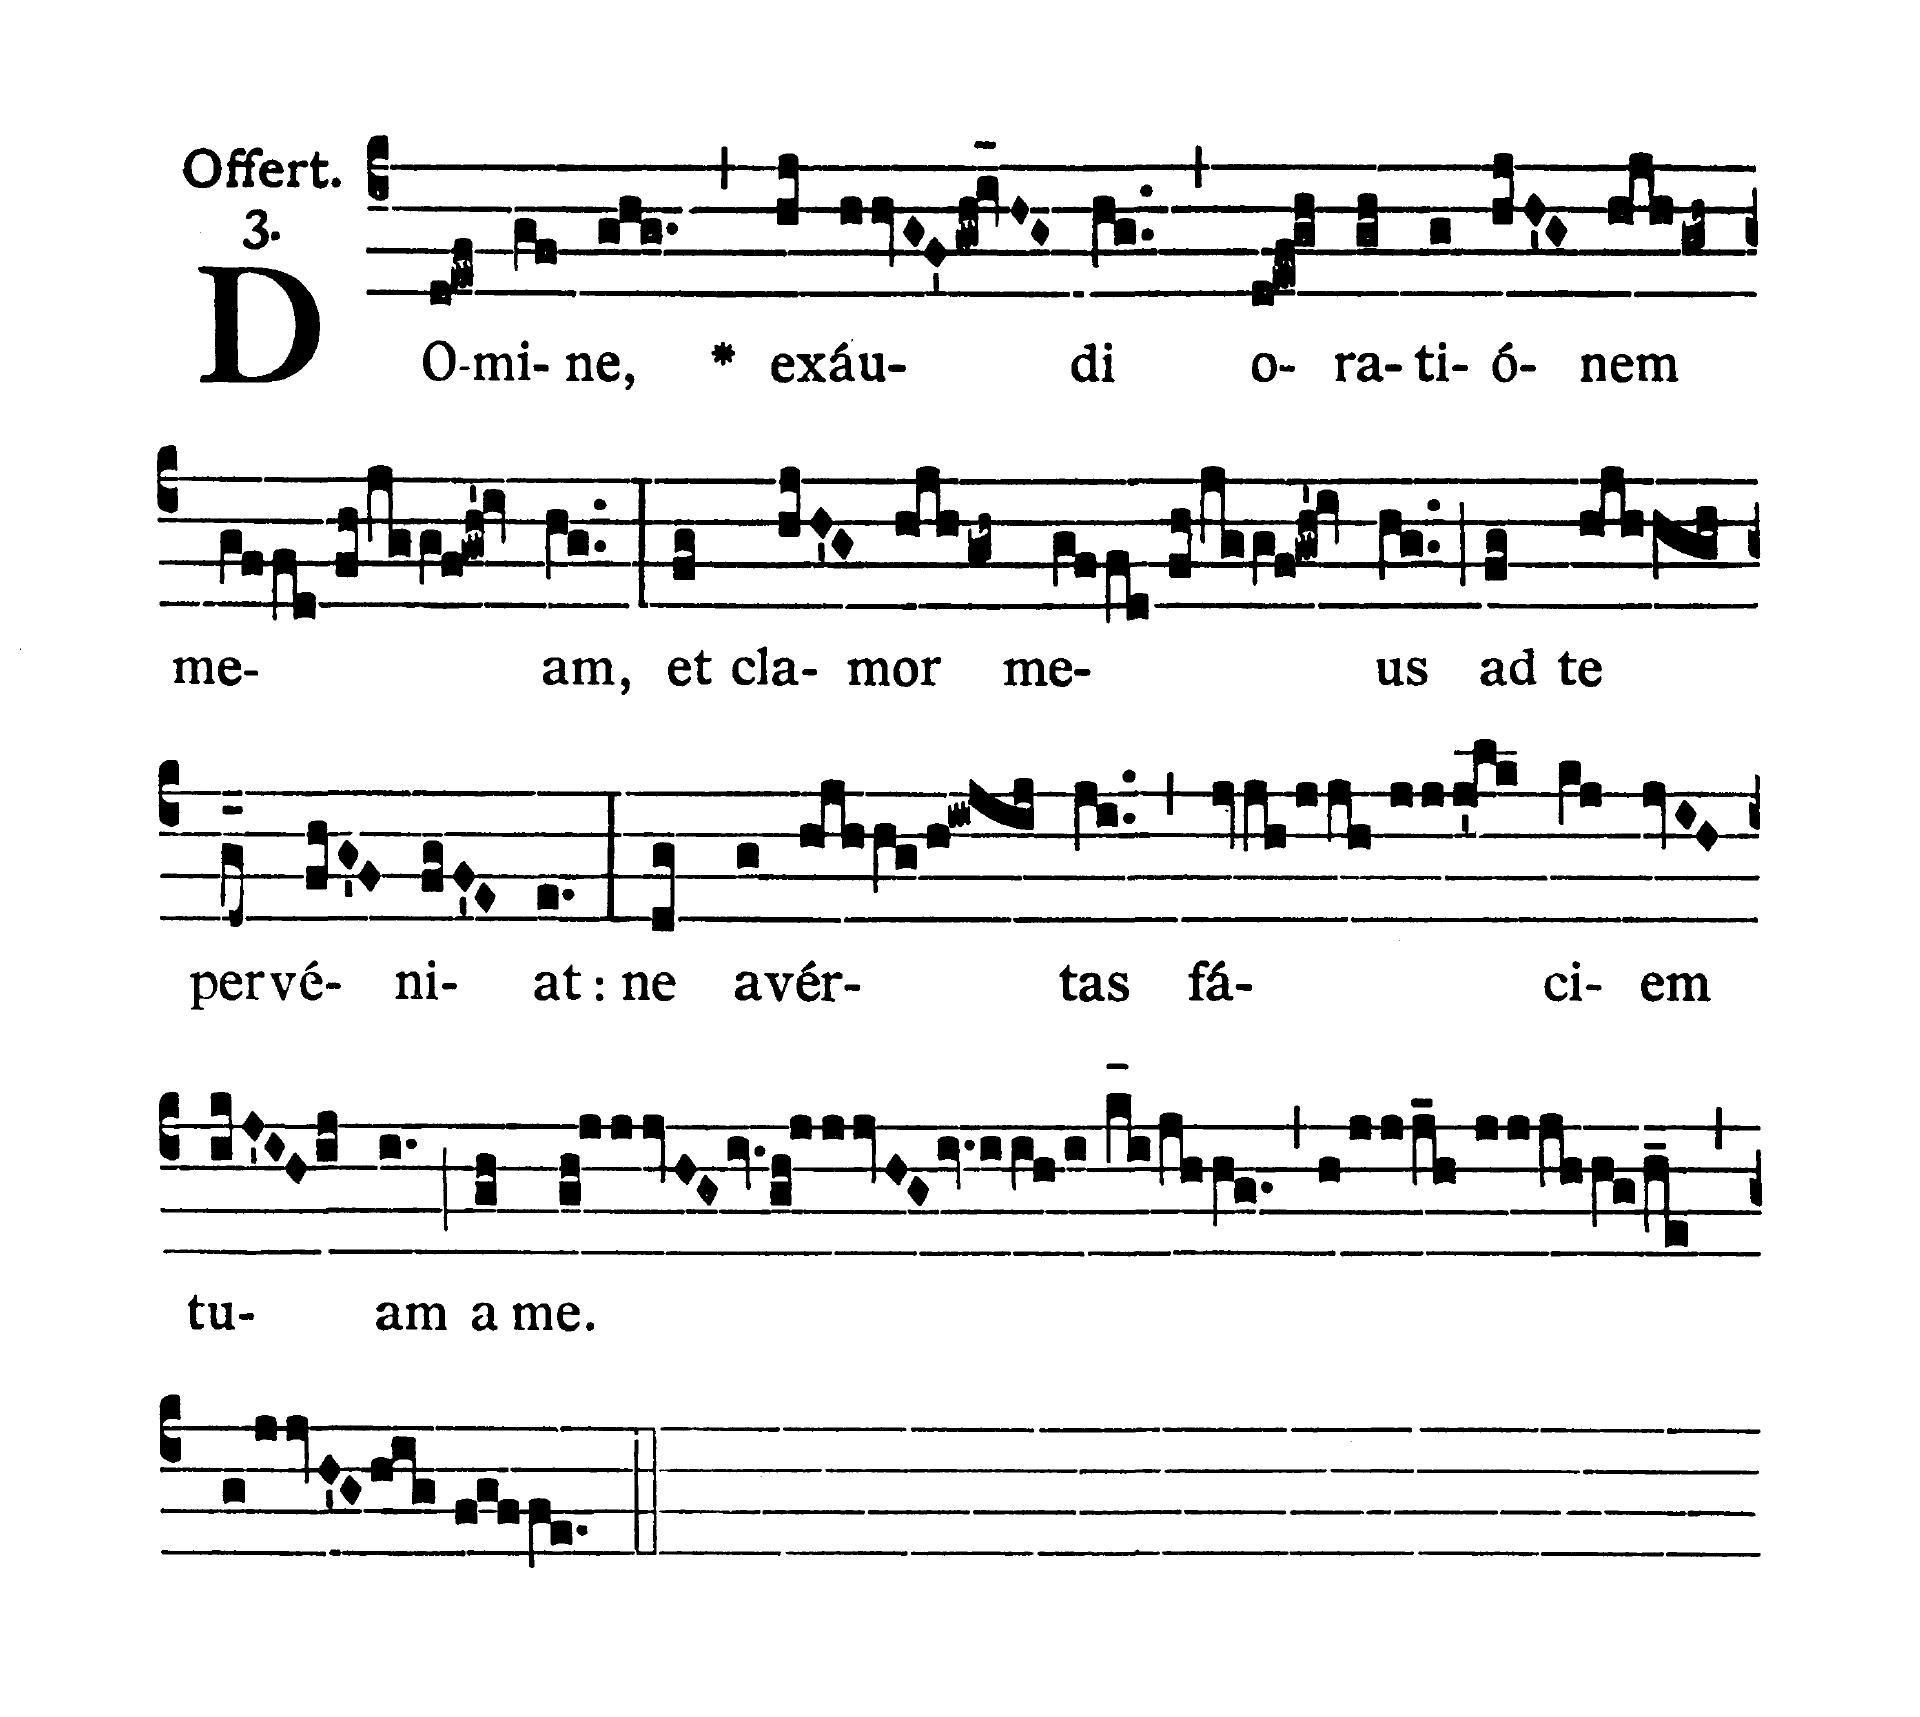 Feria IV Hebdomadae Sanctae (Wielka Środa) - Offertorium (Domine exaudi orationem meam)